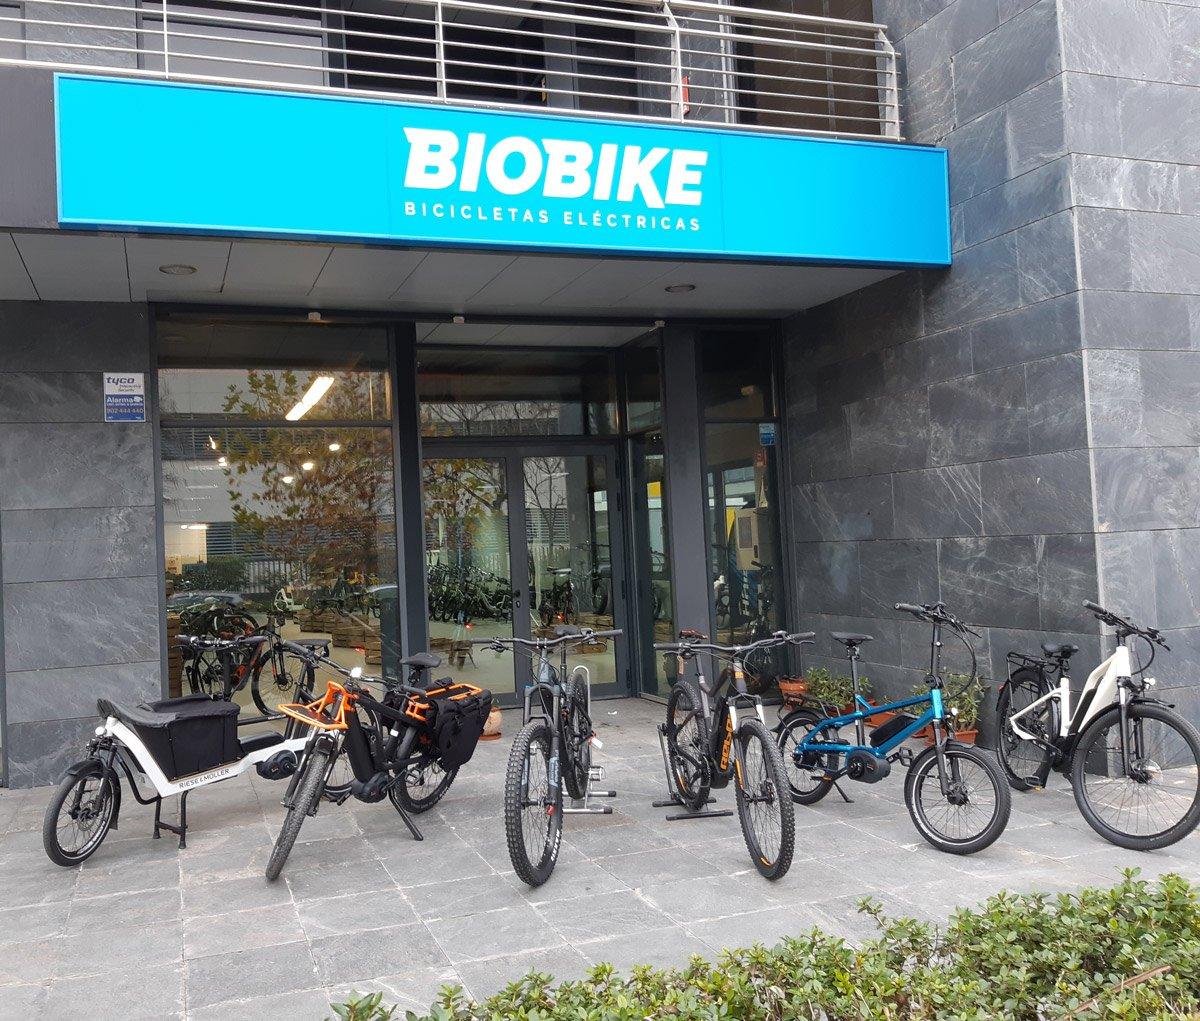 BIOBIKE - Bicicletas Eléctricas